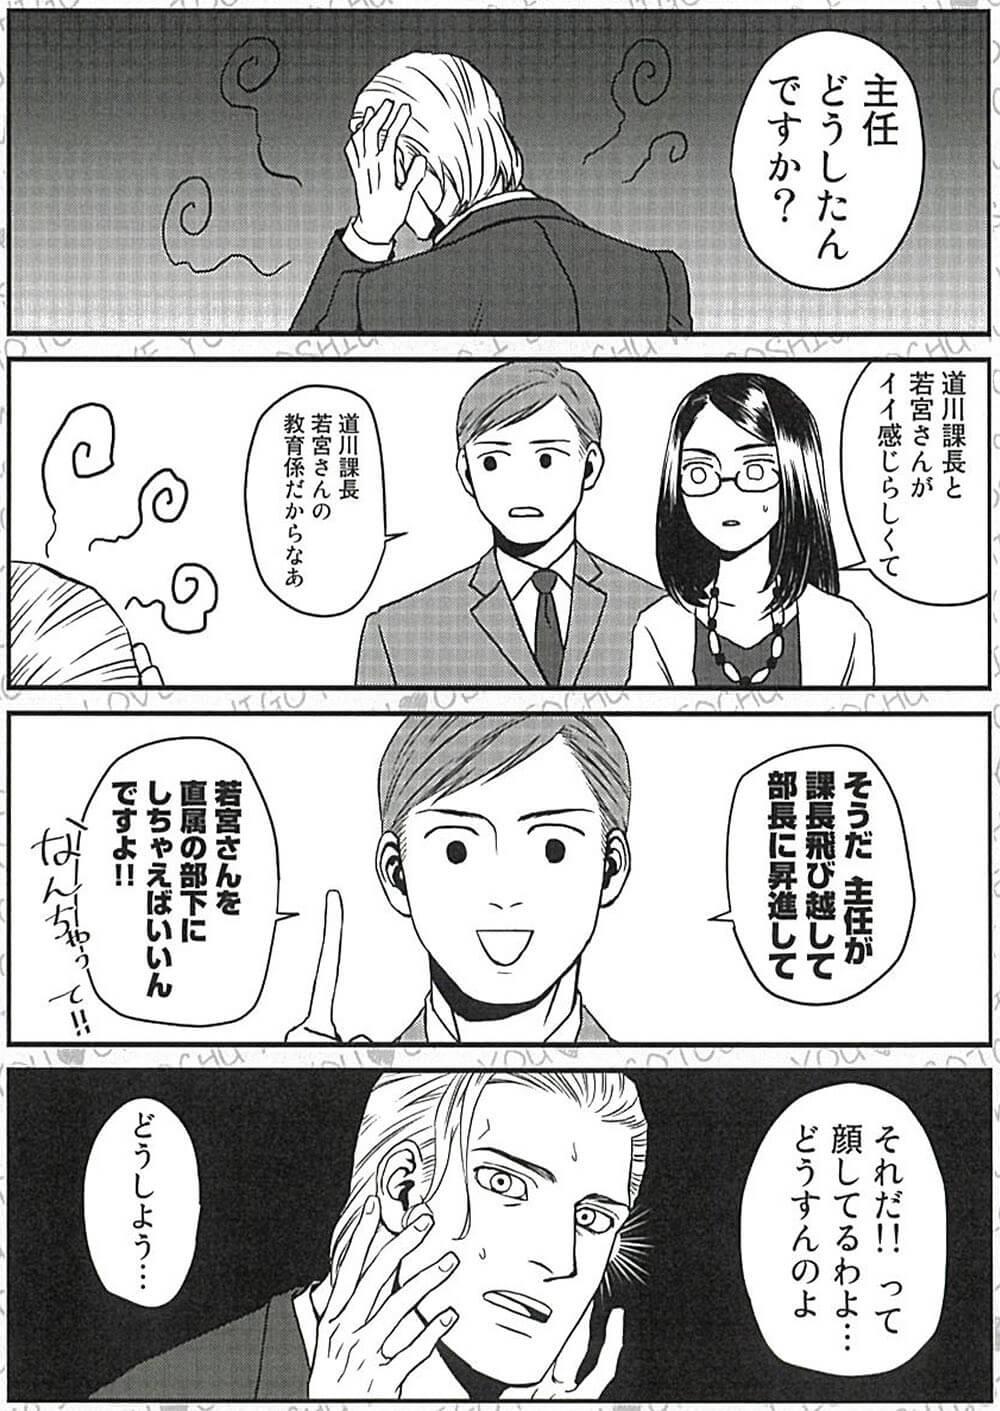 上司が新入社員に恋する漫画3-2